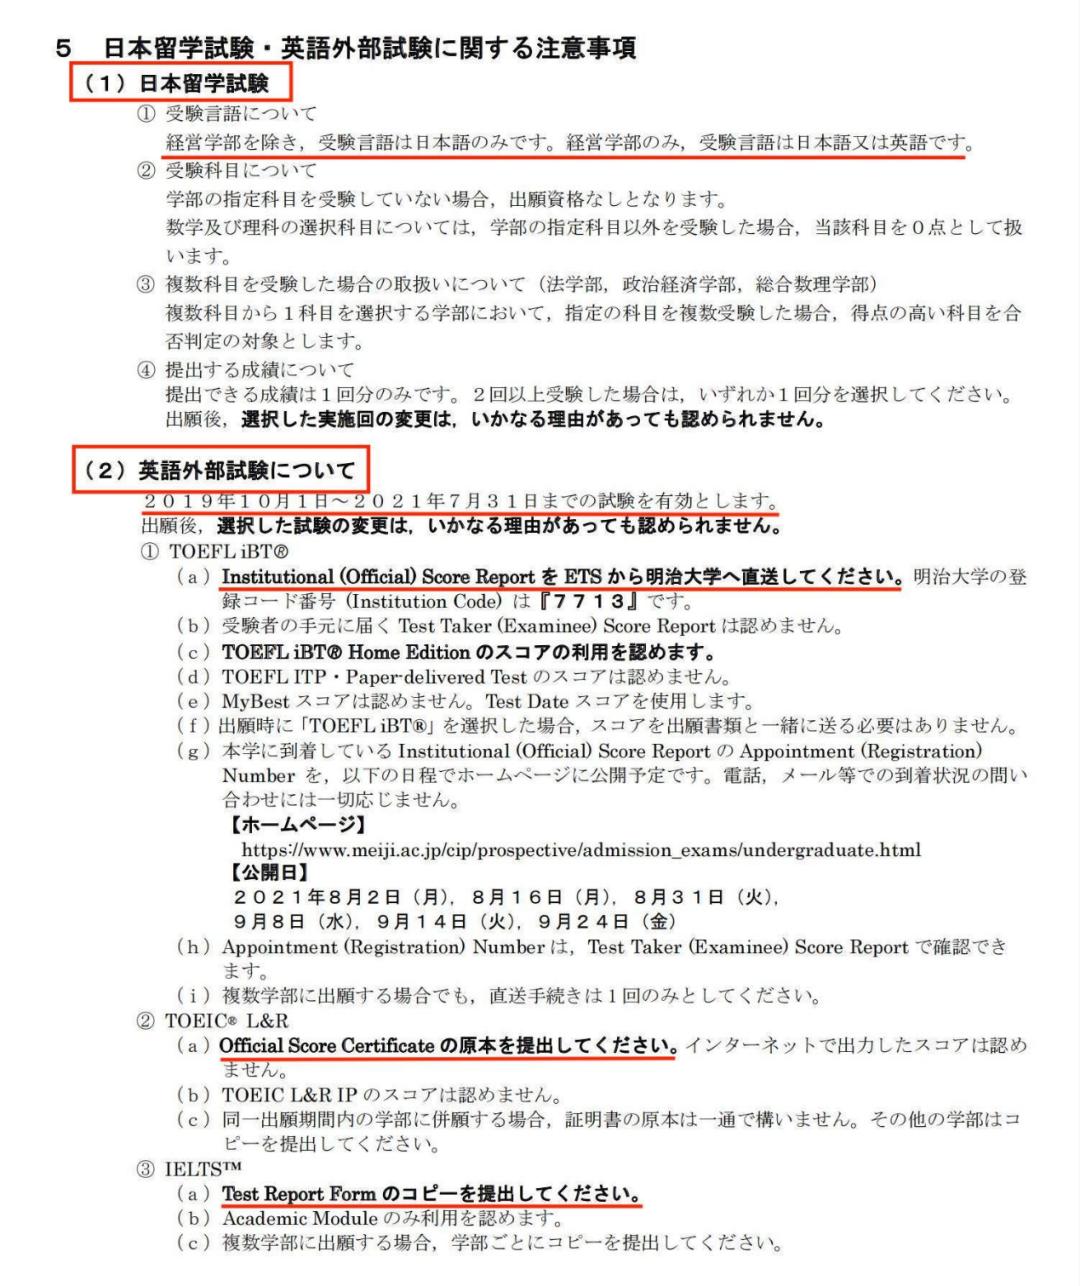 千代田文理丨日本大学的出愿要项怎么看?这些是重点!(学部篇)